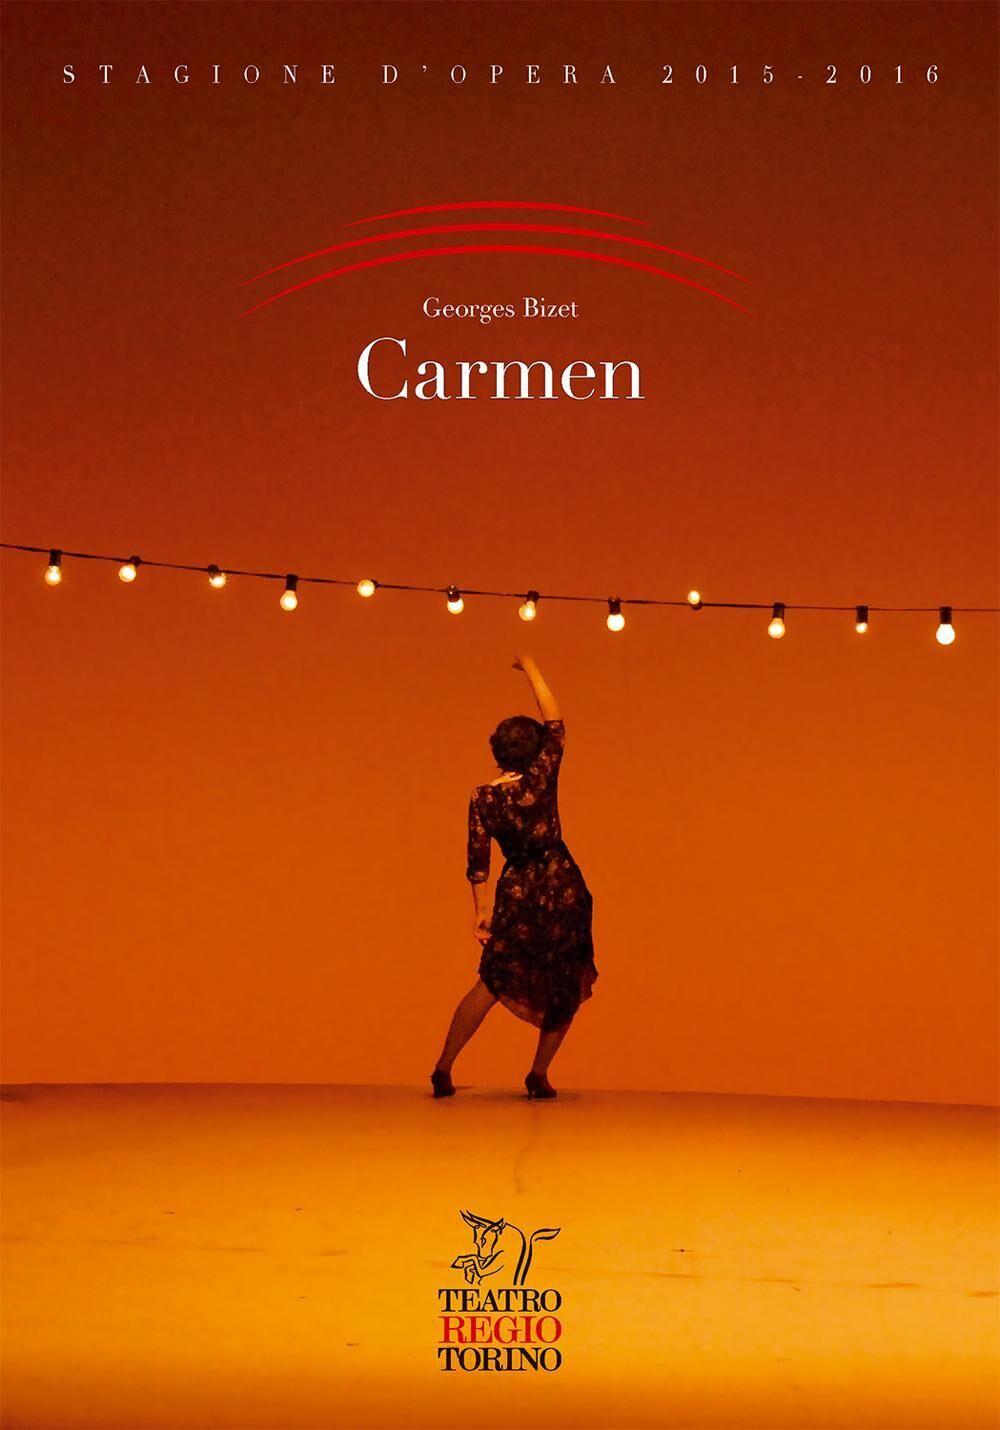 Carmen. Opéra-comique in quattro atti